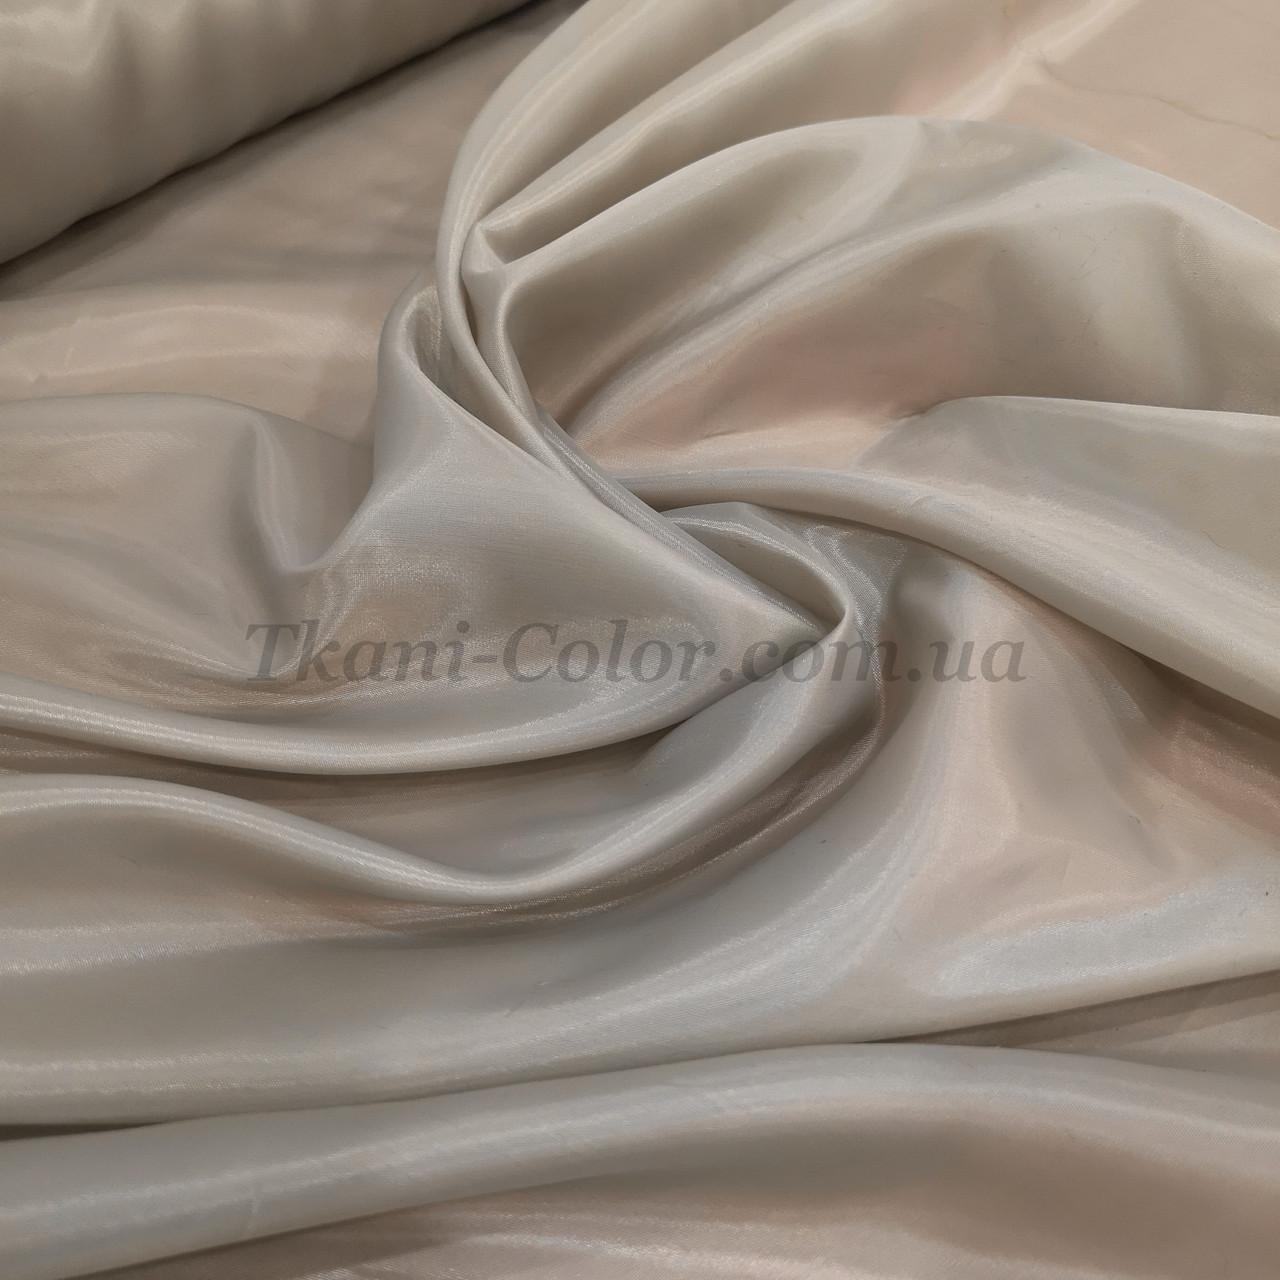 Тканина для підкладки нейлон бежевий 170Т